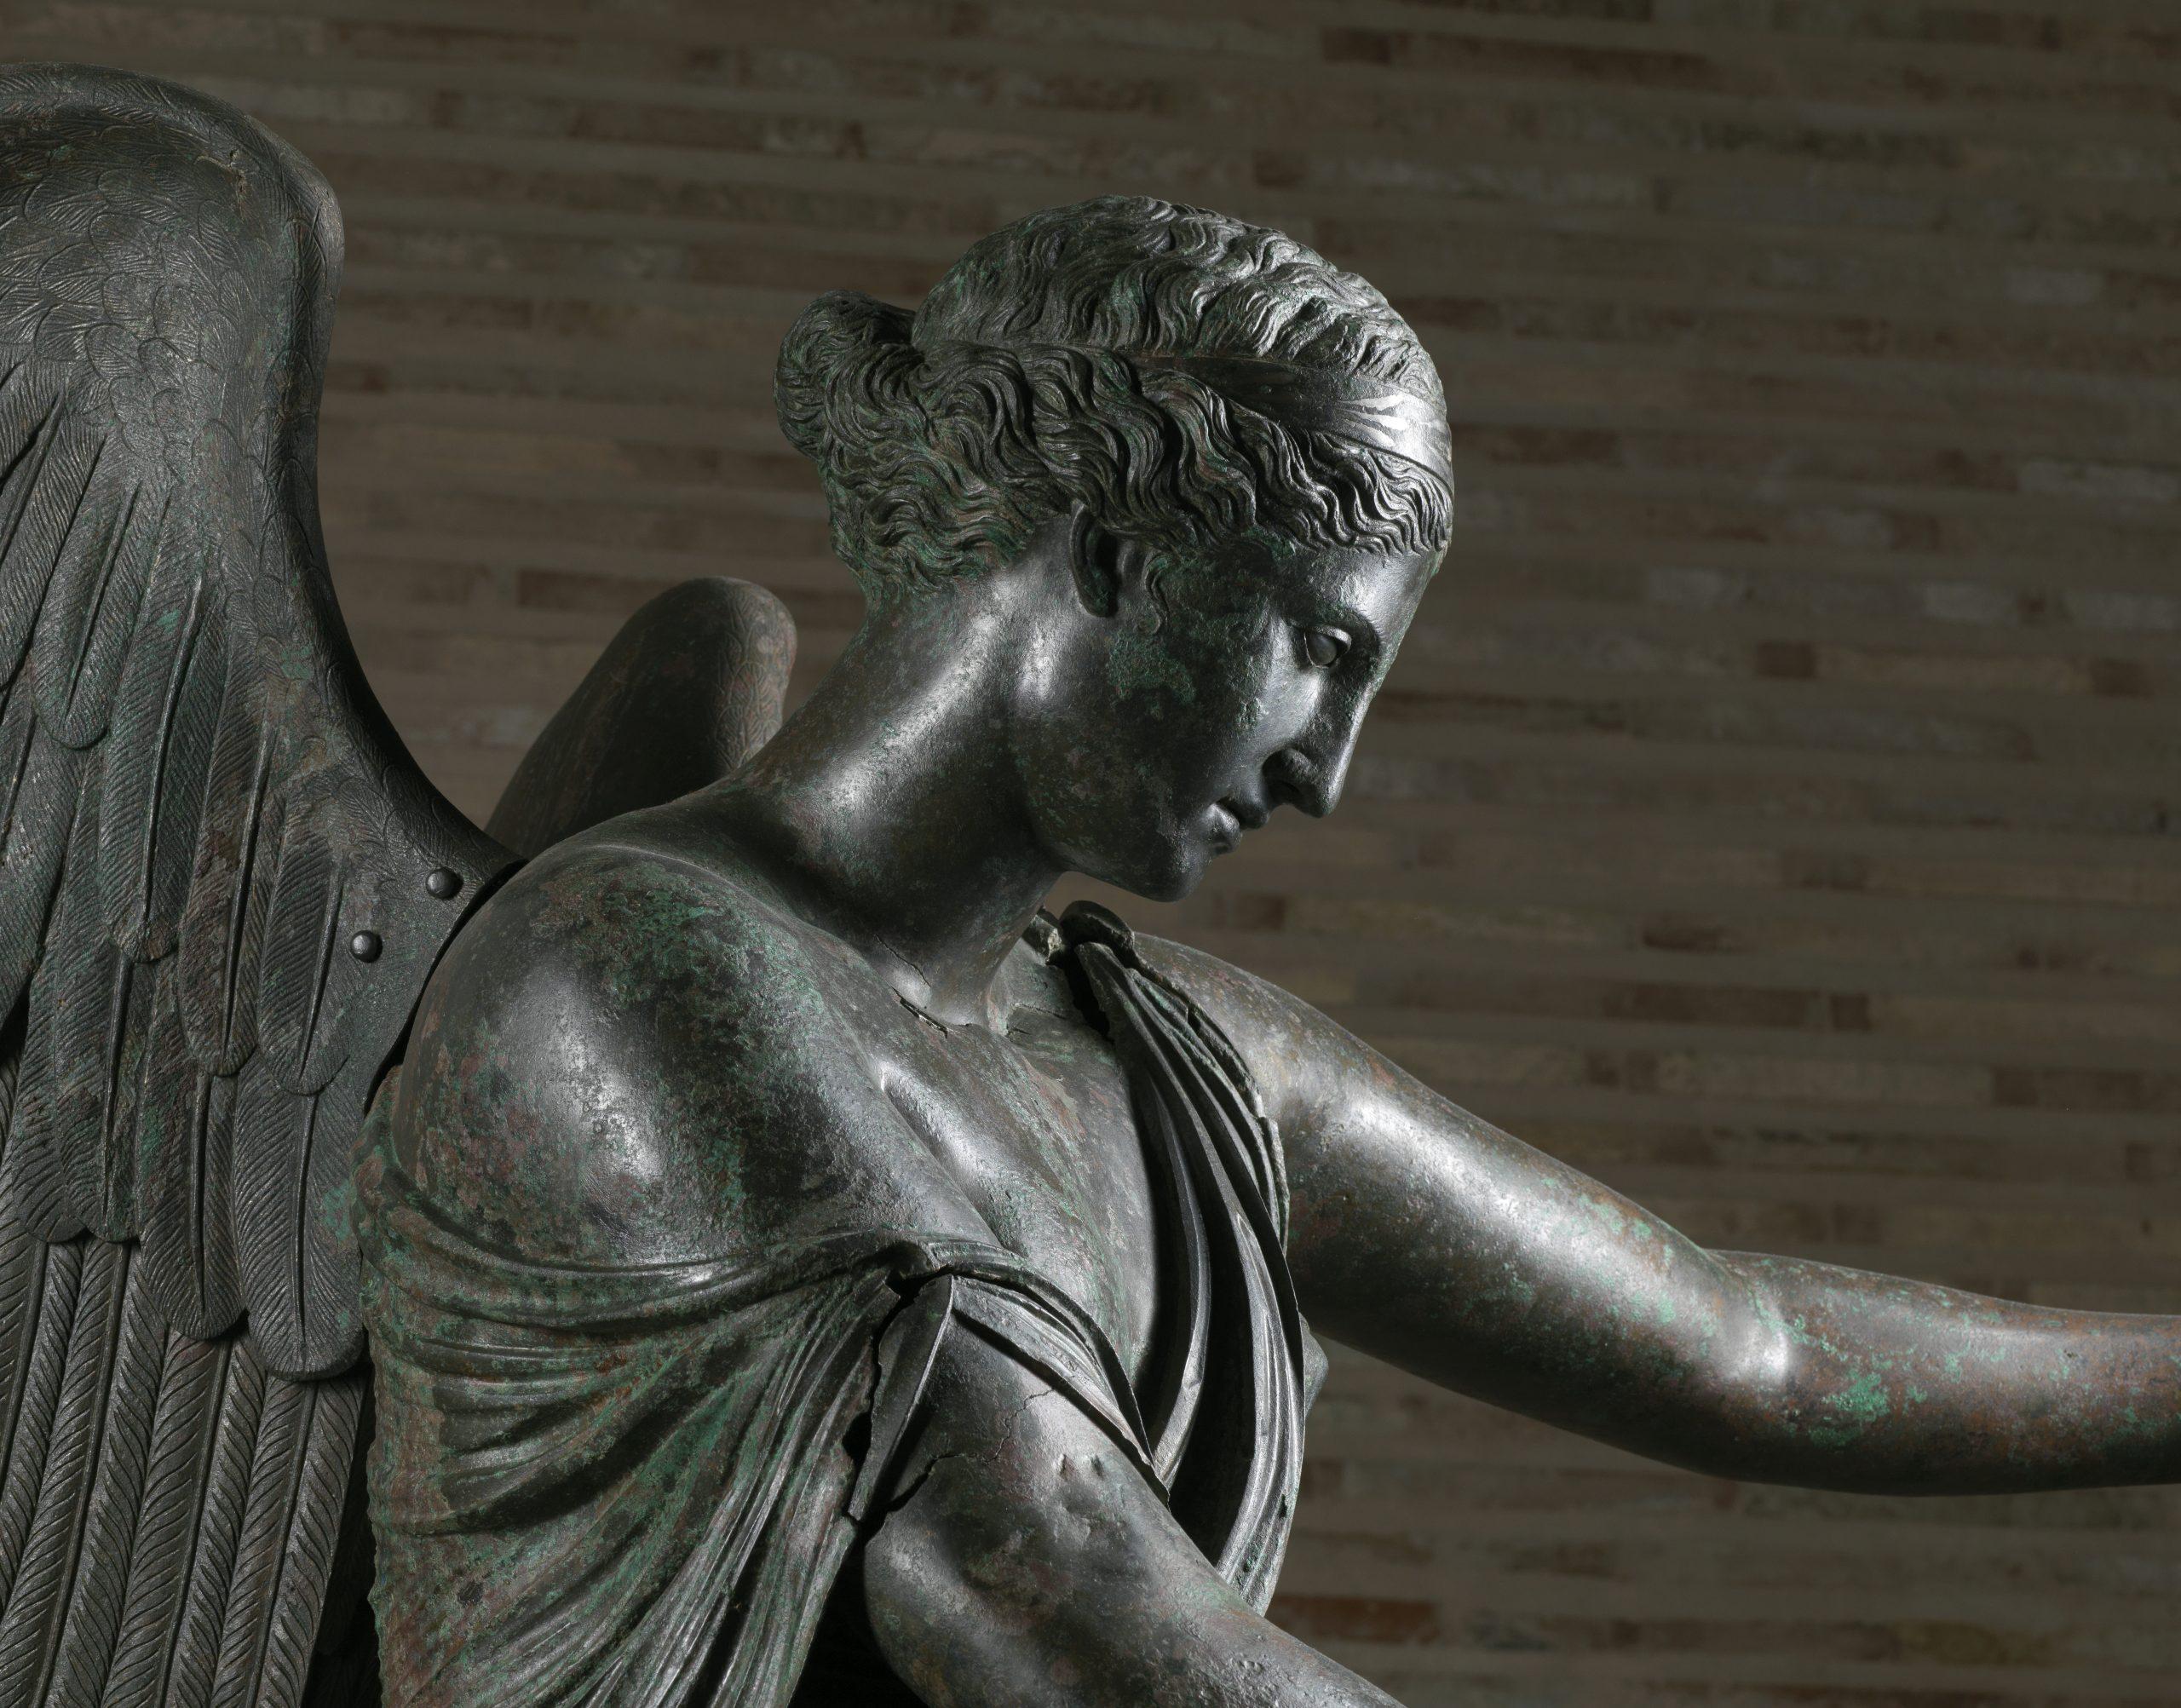 Gjurmet e Ilirise ne Brescia Antike hga koha e Augustit (video)